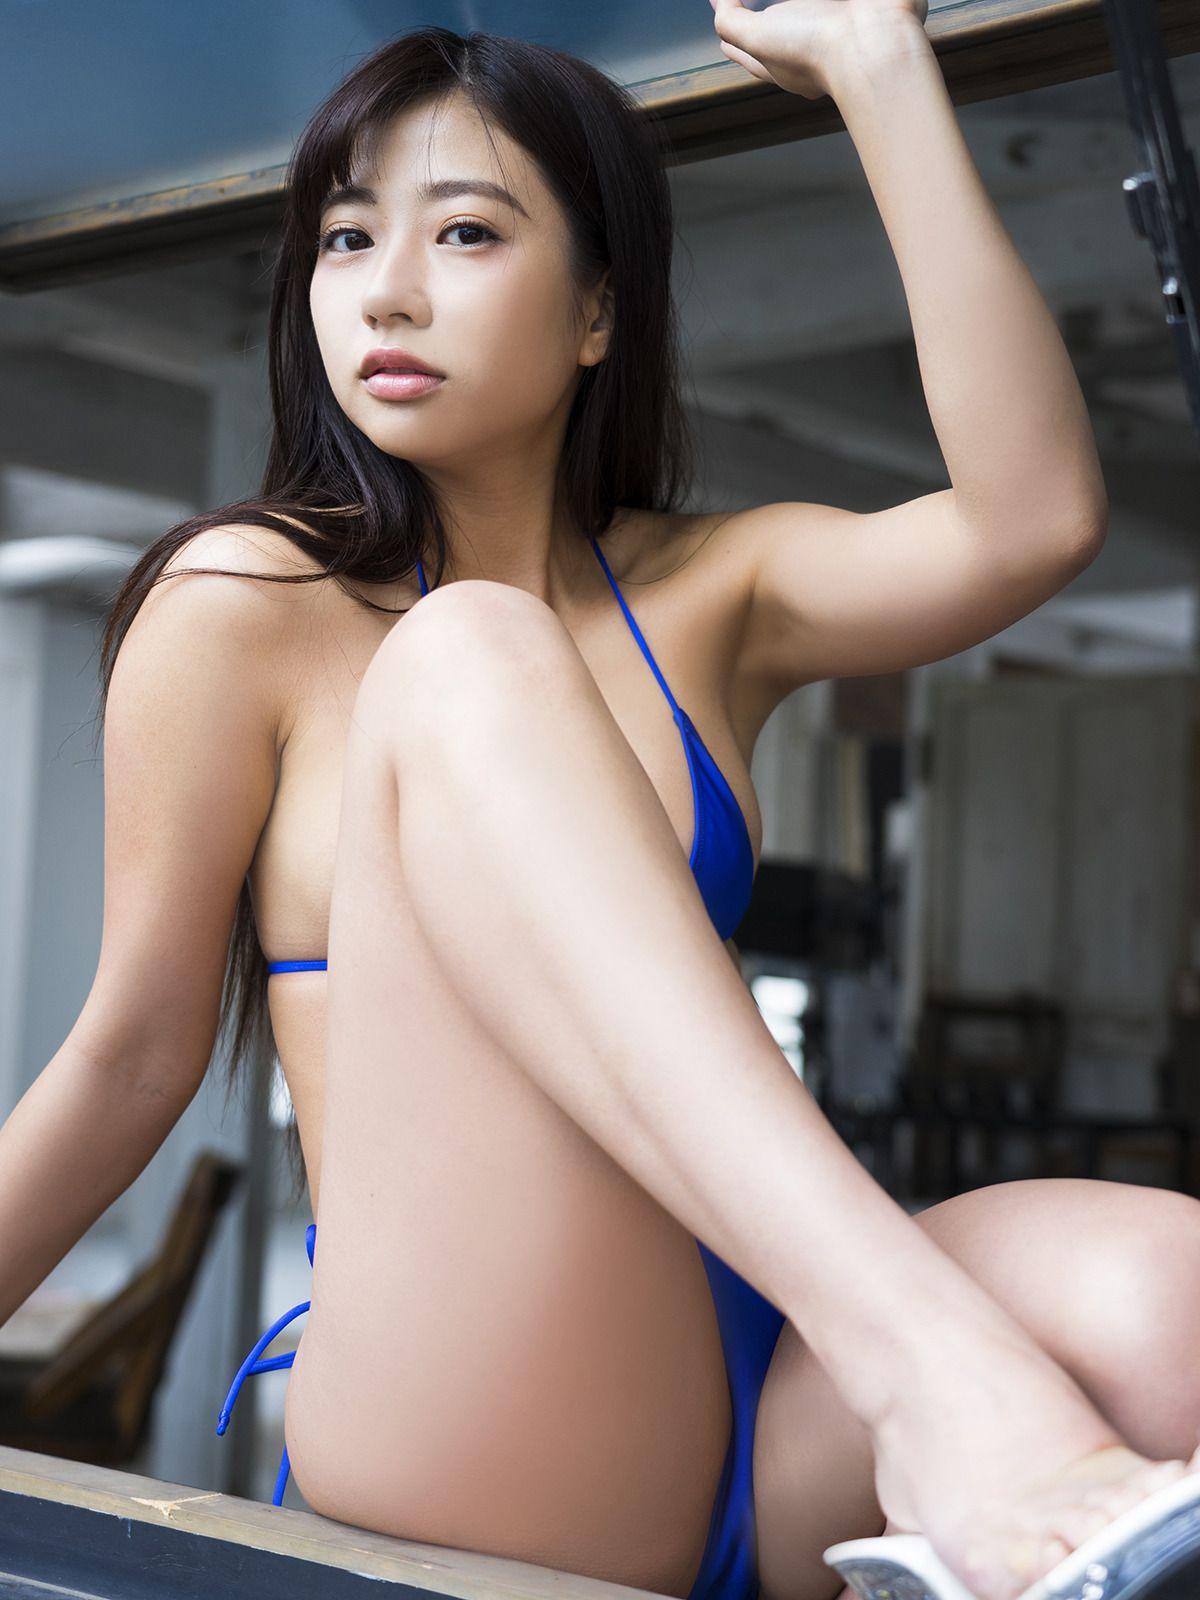 Suitable breast queen029